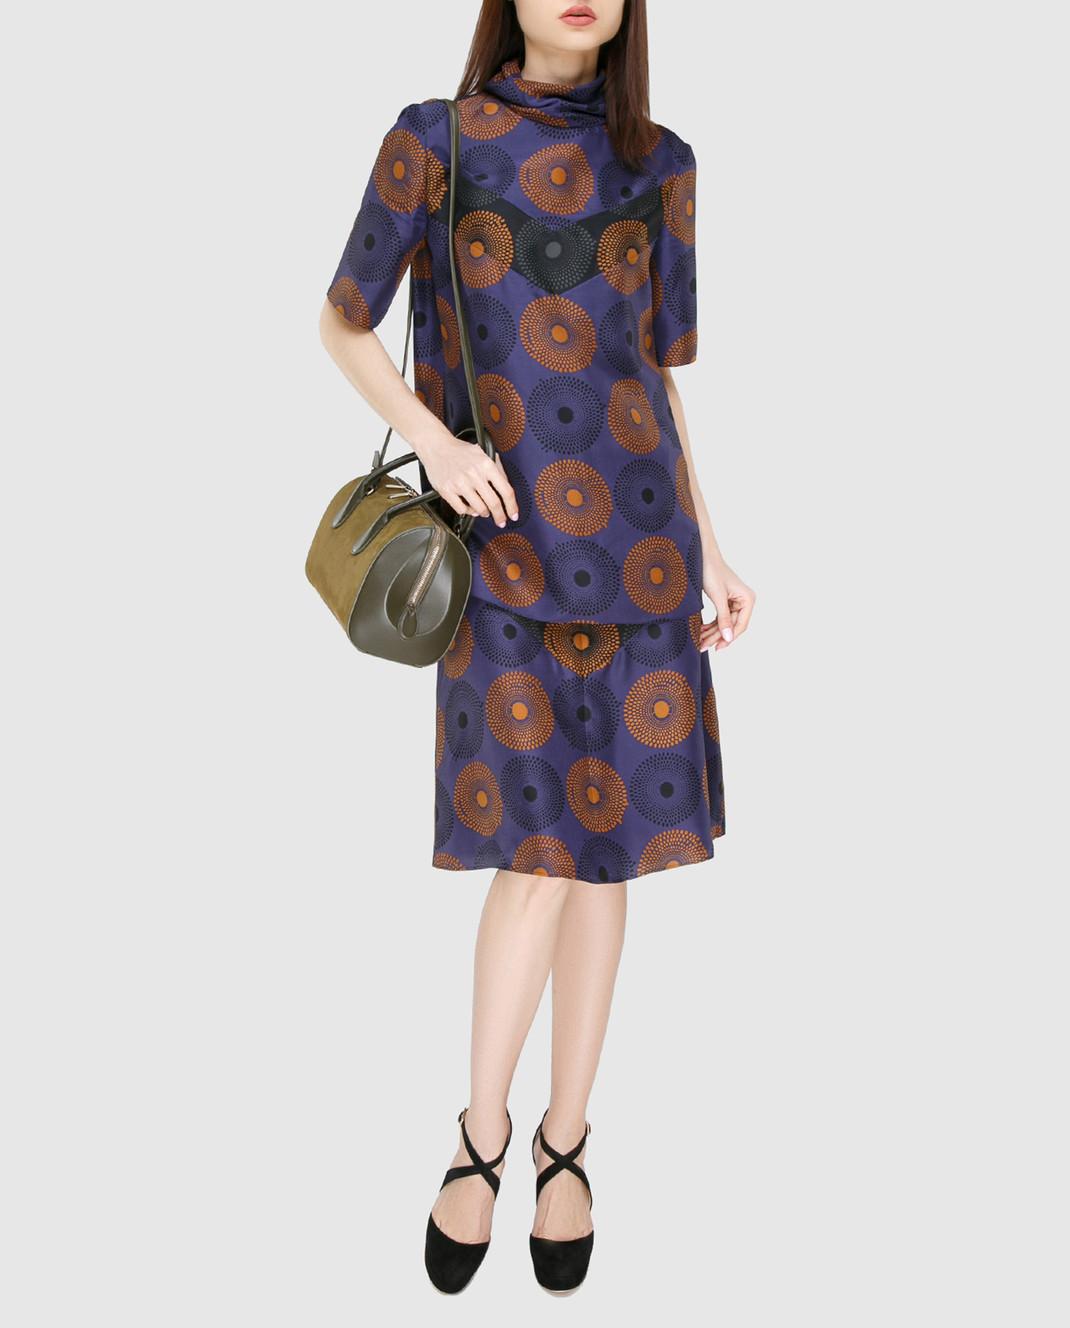 NINA RICCI Синяя юбка из шелка 17PCJU008SE1249 изображение 2